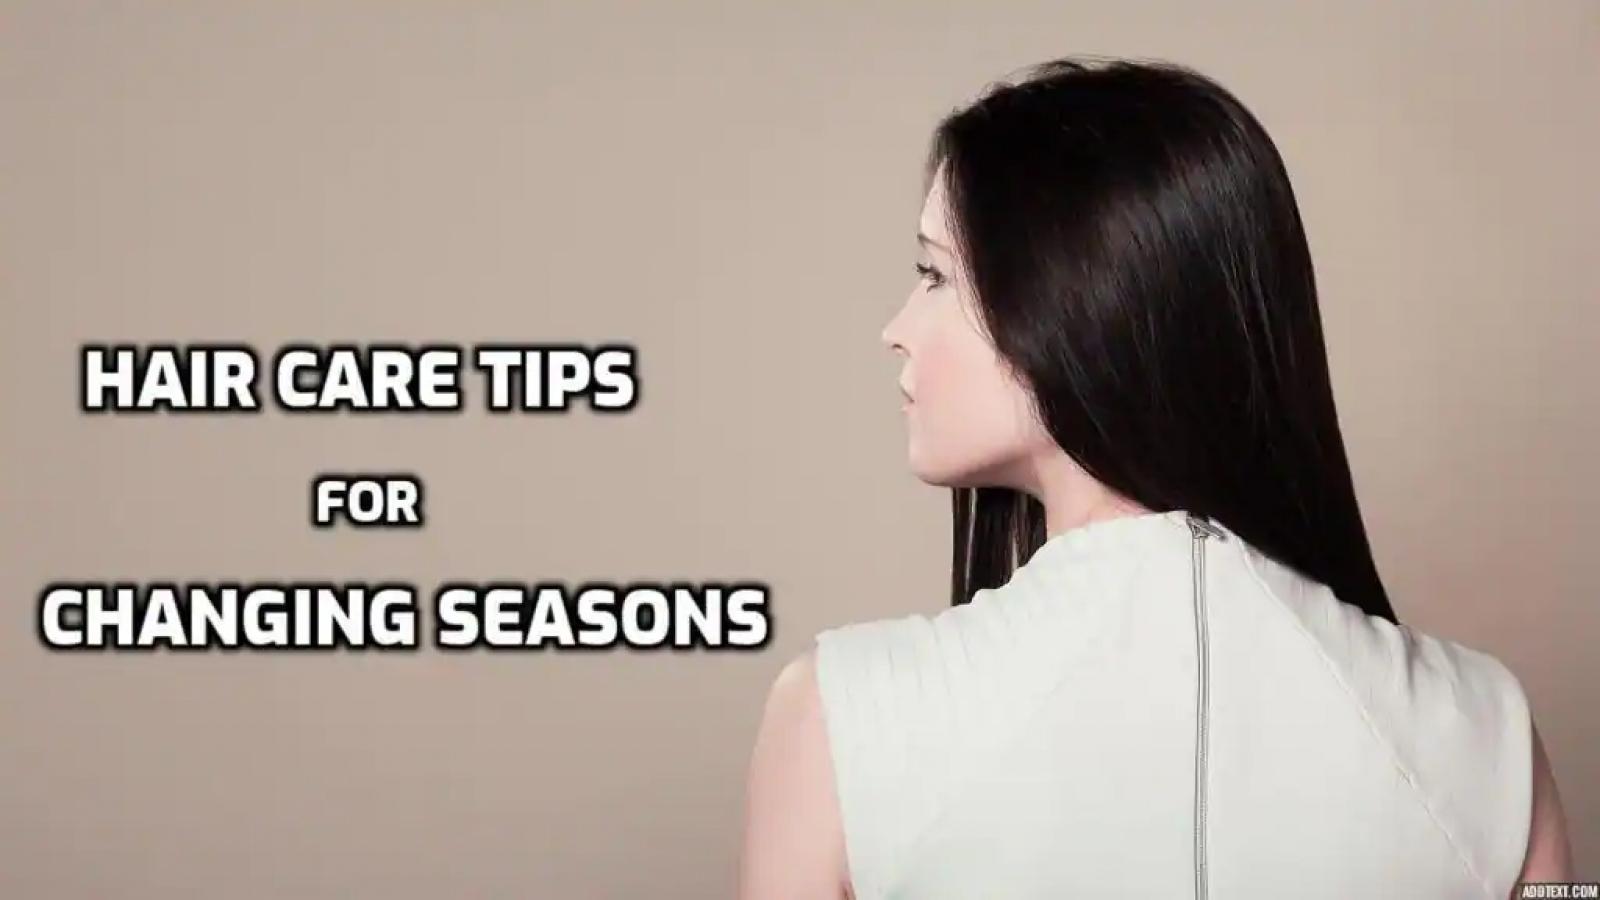 Chăm sóc tóc cũng cần thay đổi theo mùa?